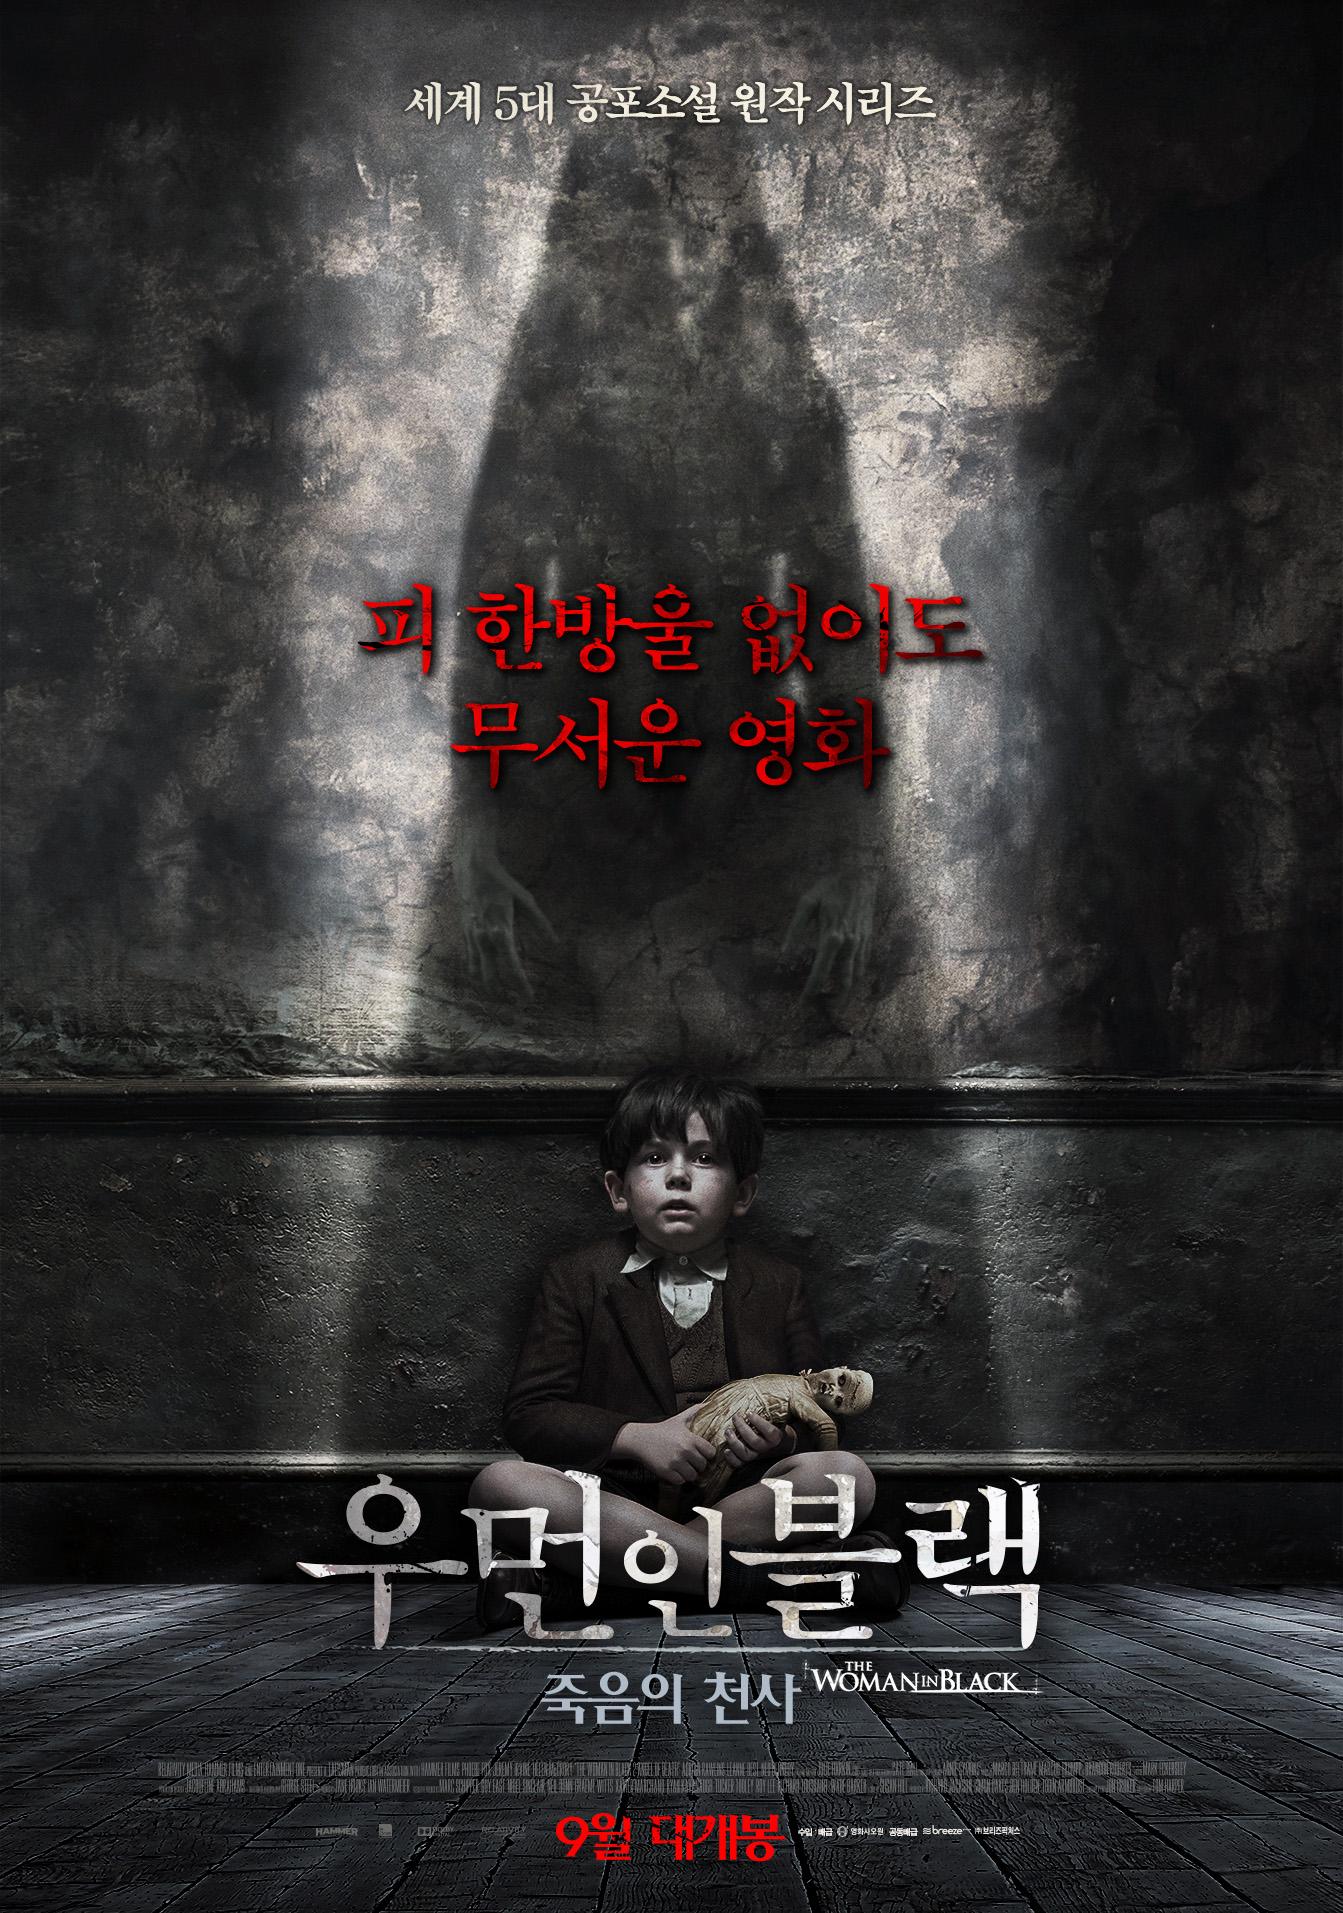 우먼 인 블랙 : 죽음의 천사 - 공포영화 이상의 연출로..